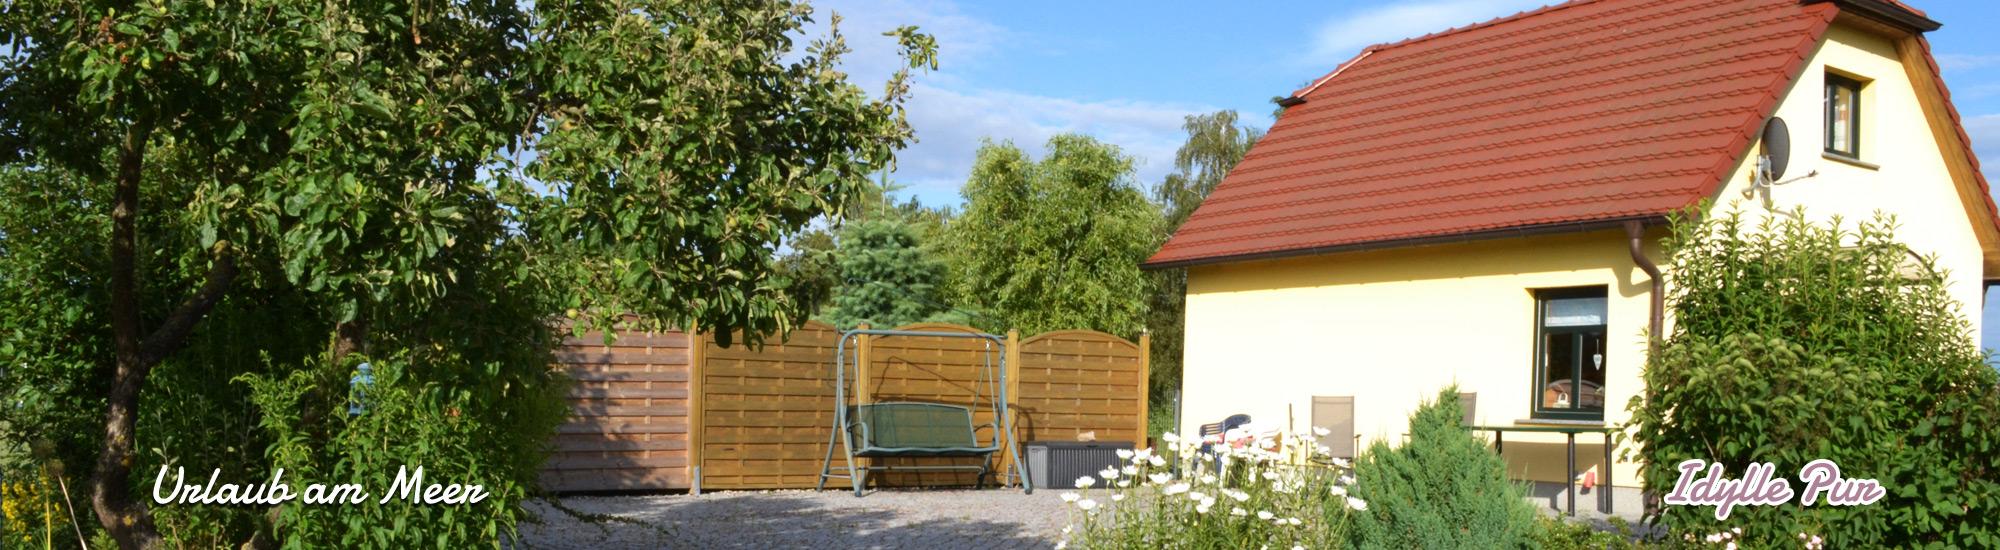 Landhaus-stine-aussenaufnahme - Landhaus Stine